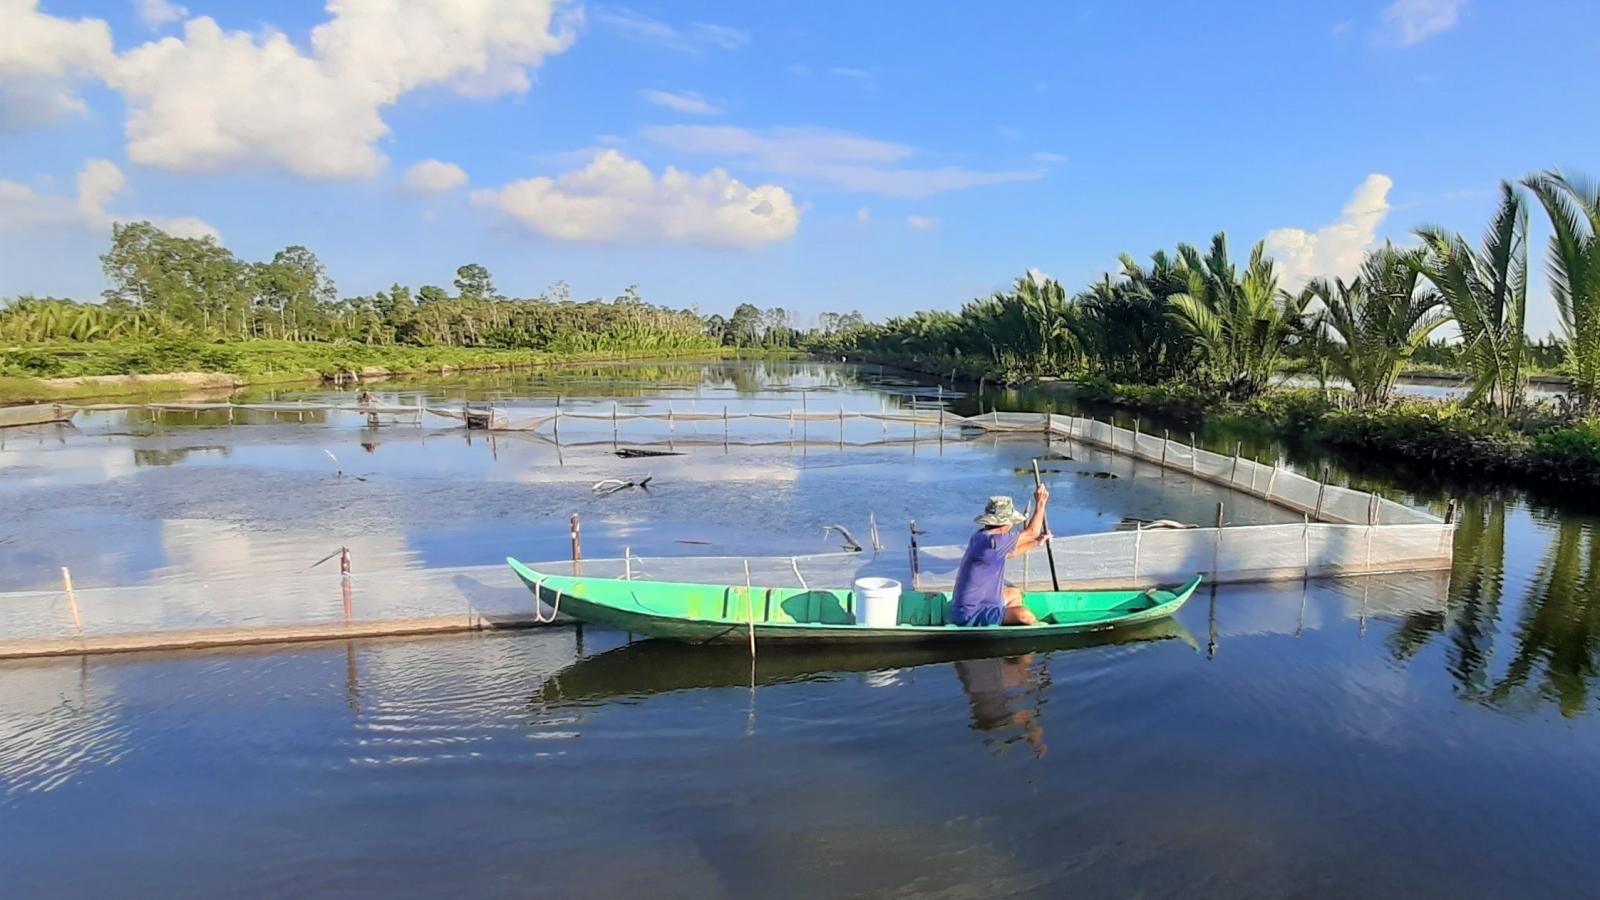 Người dân Cà Mau chủ động phục hồi, khôi phụcsản xuất